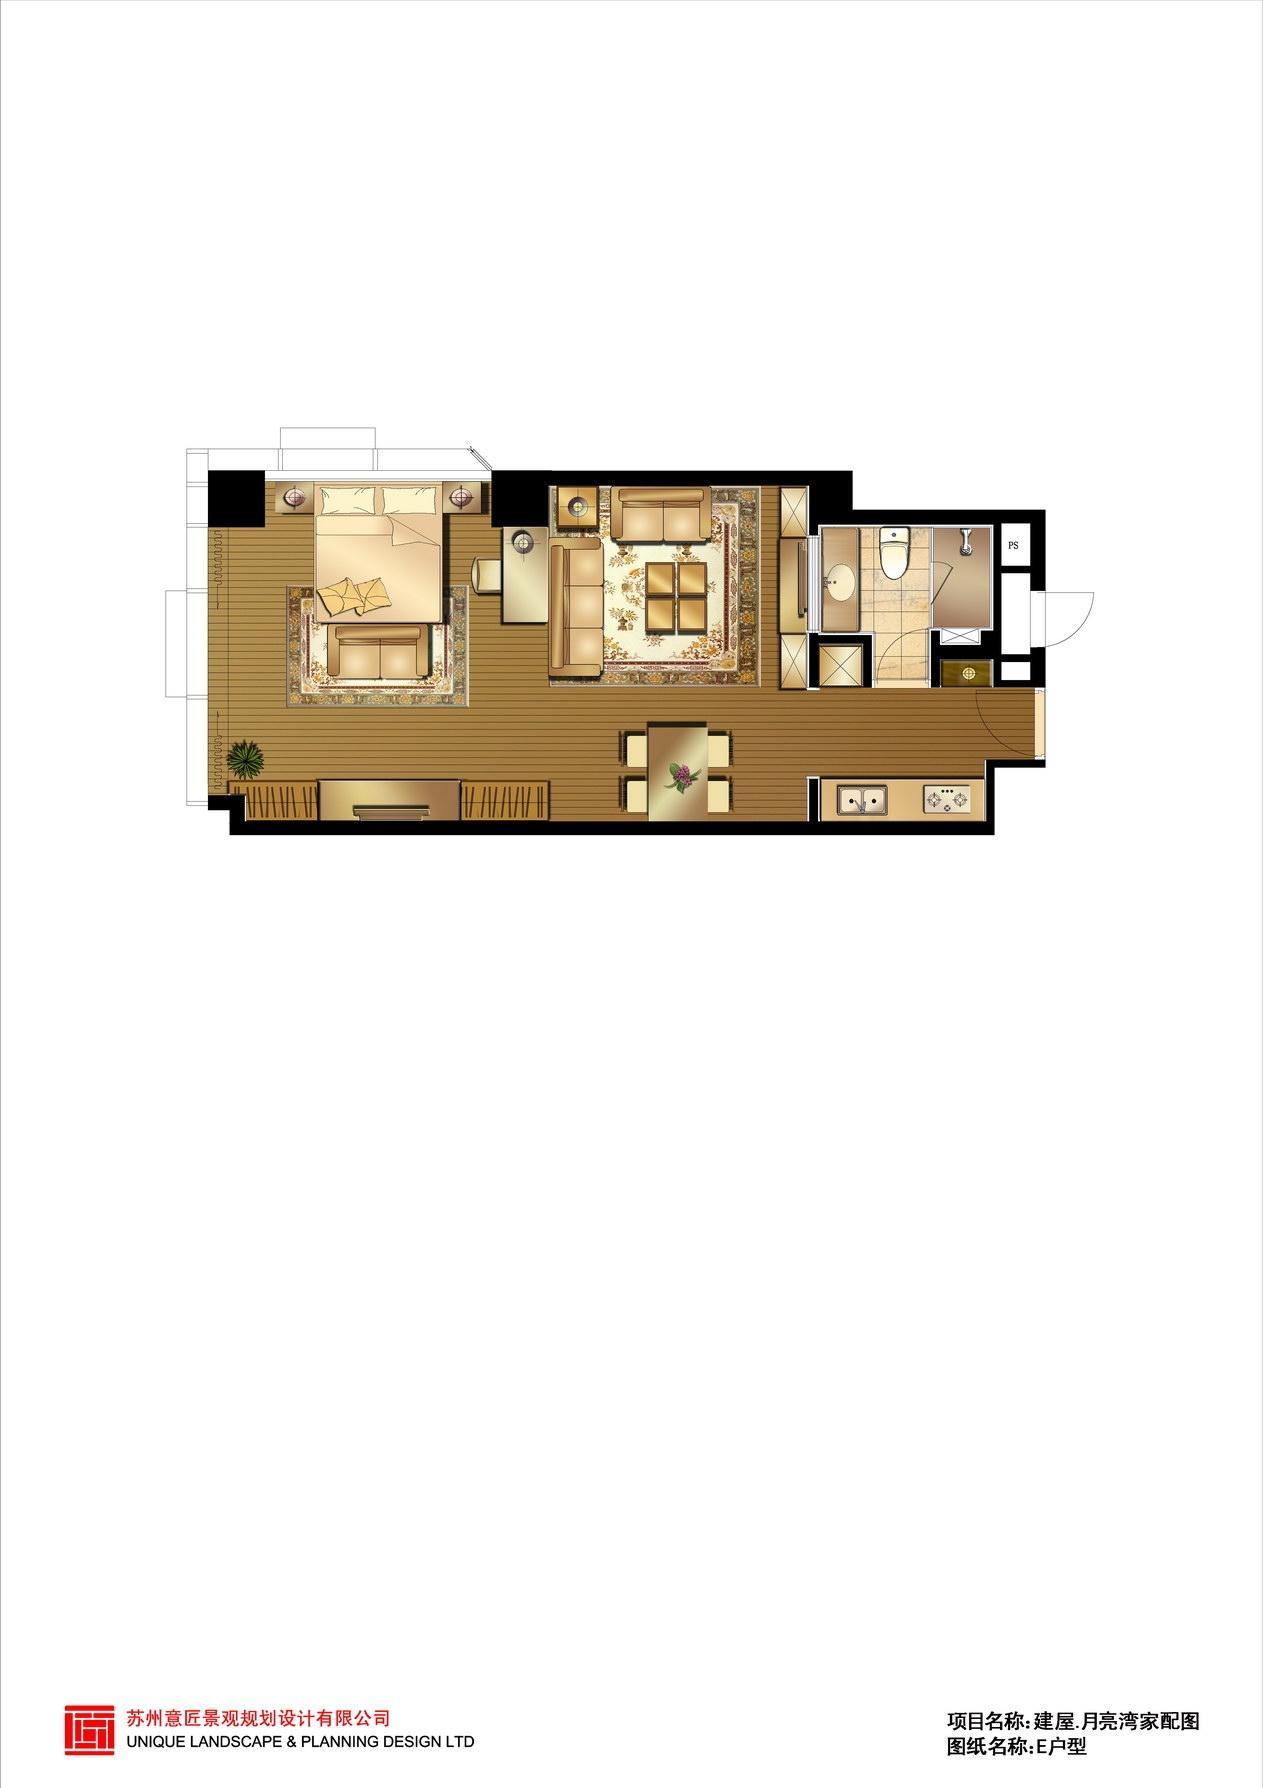 建屋紫宸庭 E户型_75平米_一室一厅一卫 75平